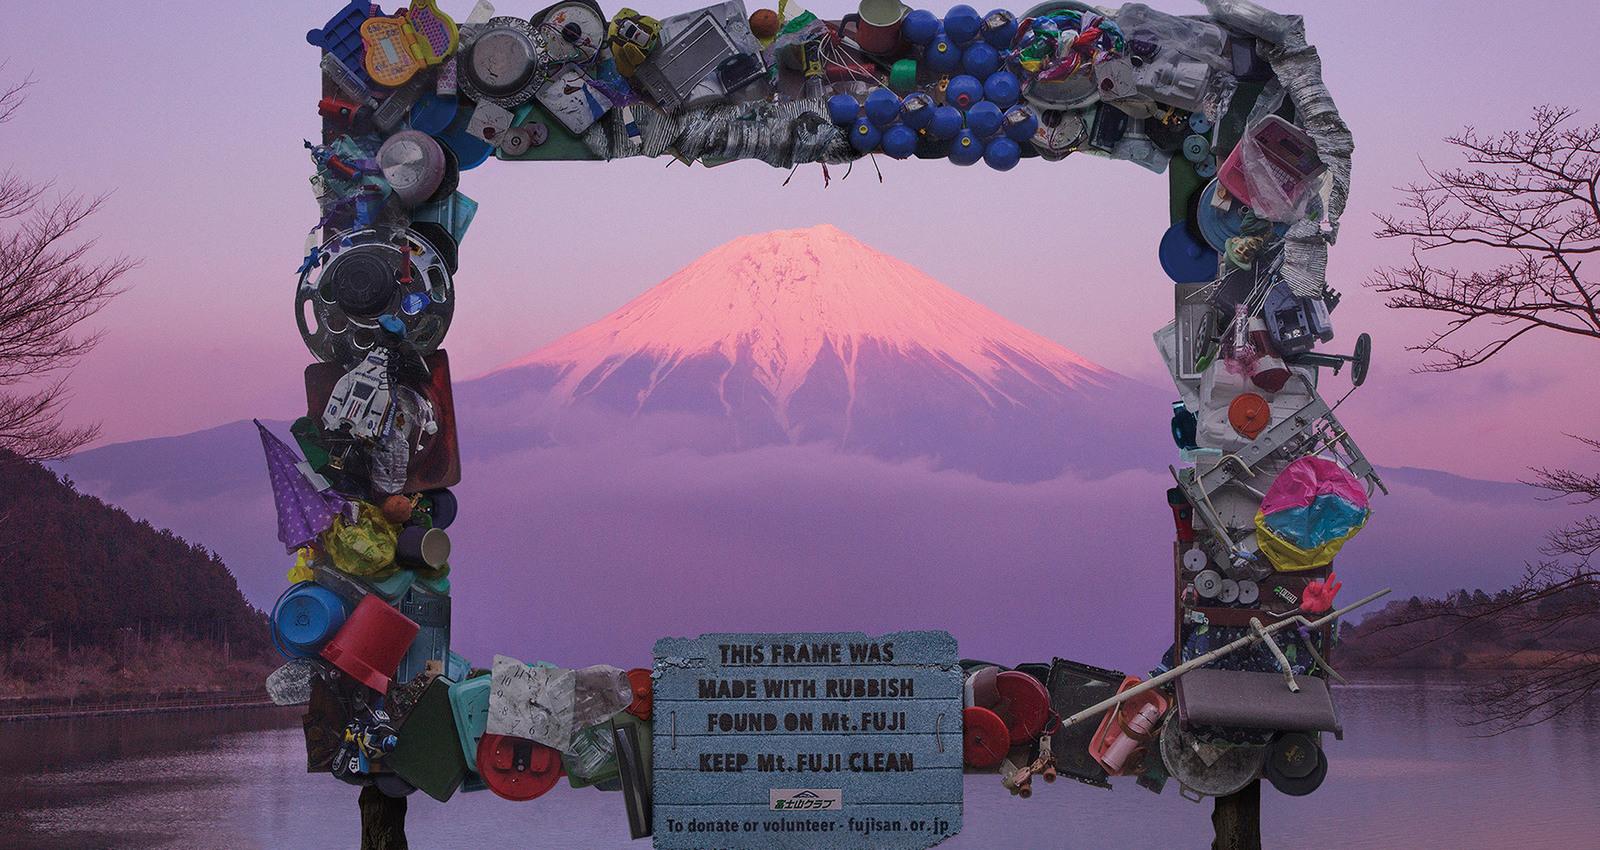 Mt. Fuji Rubbish Billboards